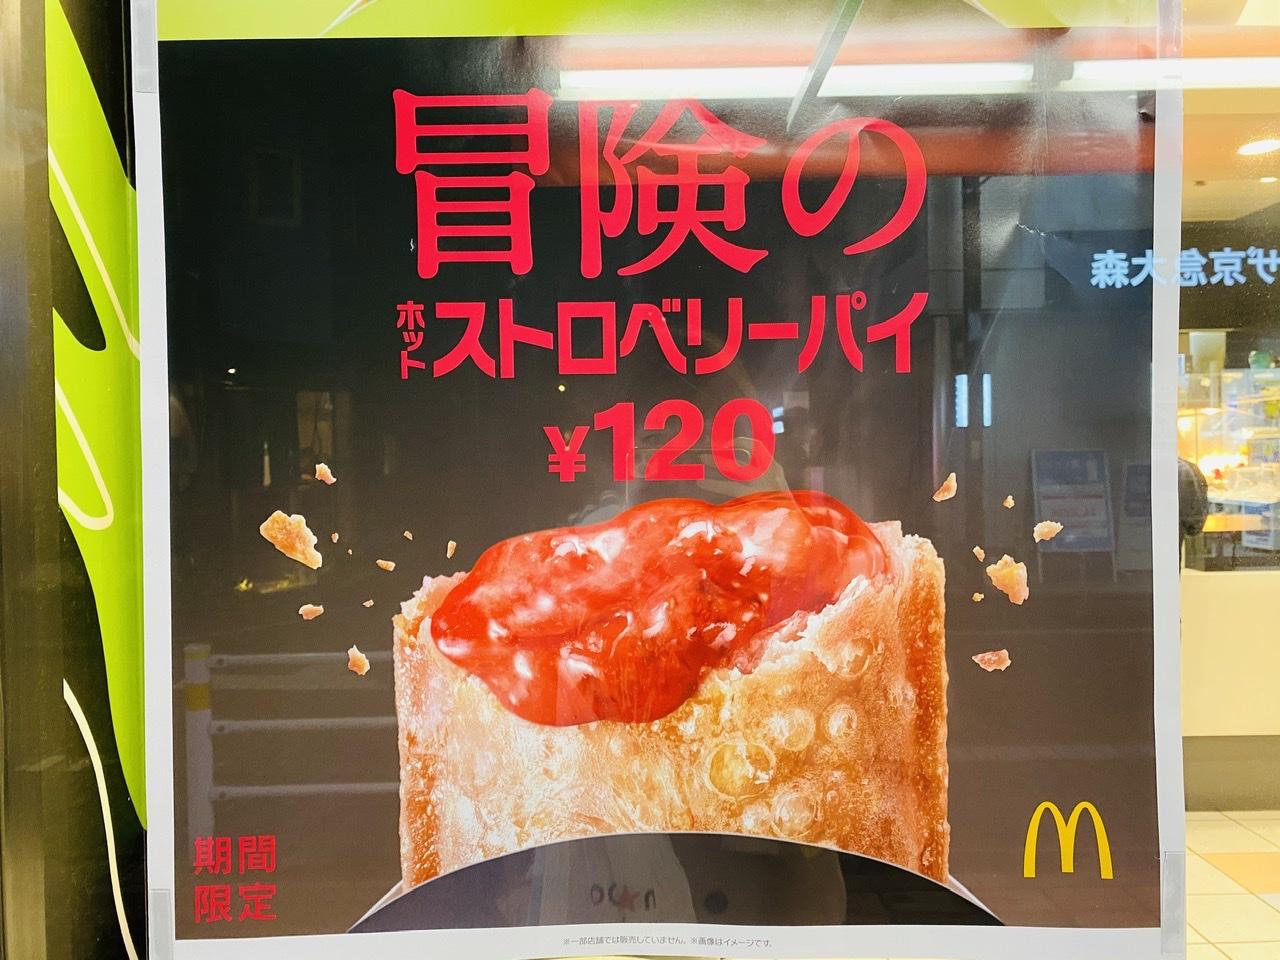 【マクドナルド】あの定番スイーツにイチゴ味!《ホットストロベリーパイ》が絶妙すぎる美味しさ♡_5